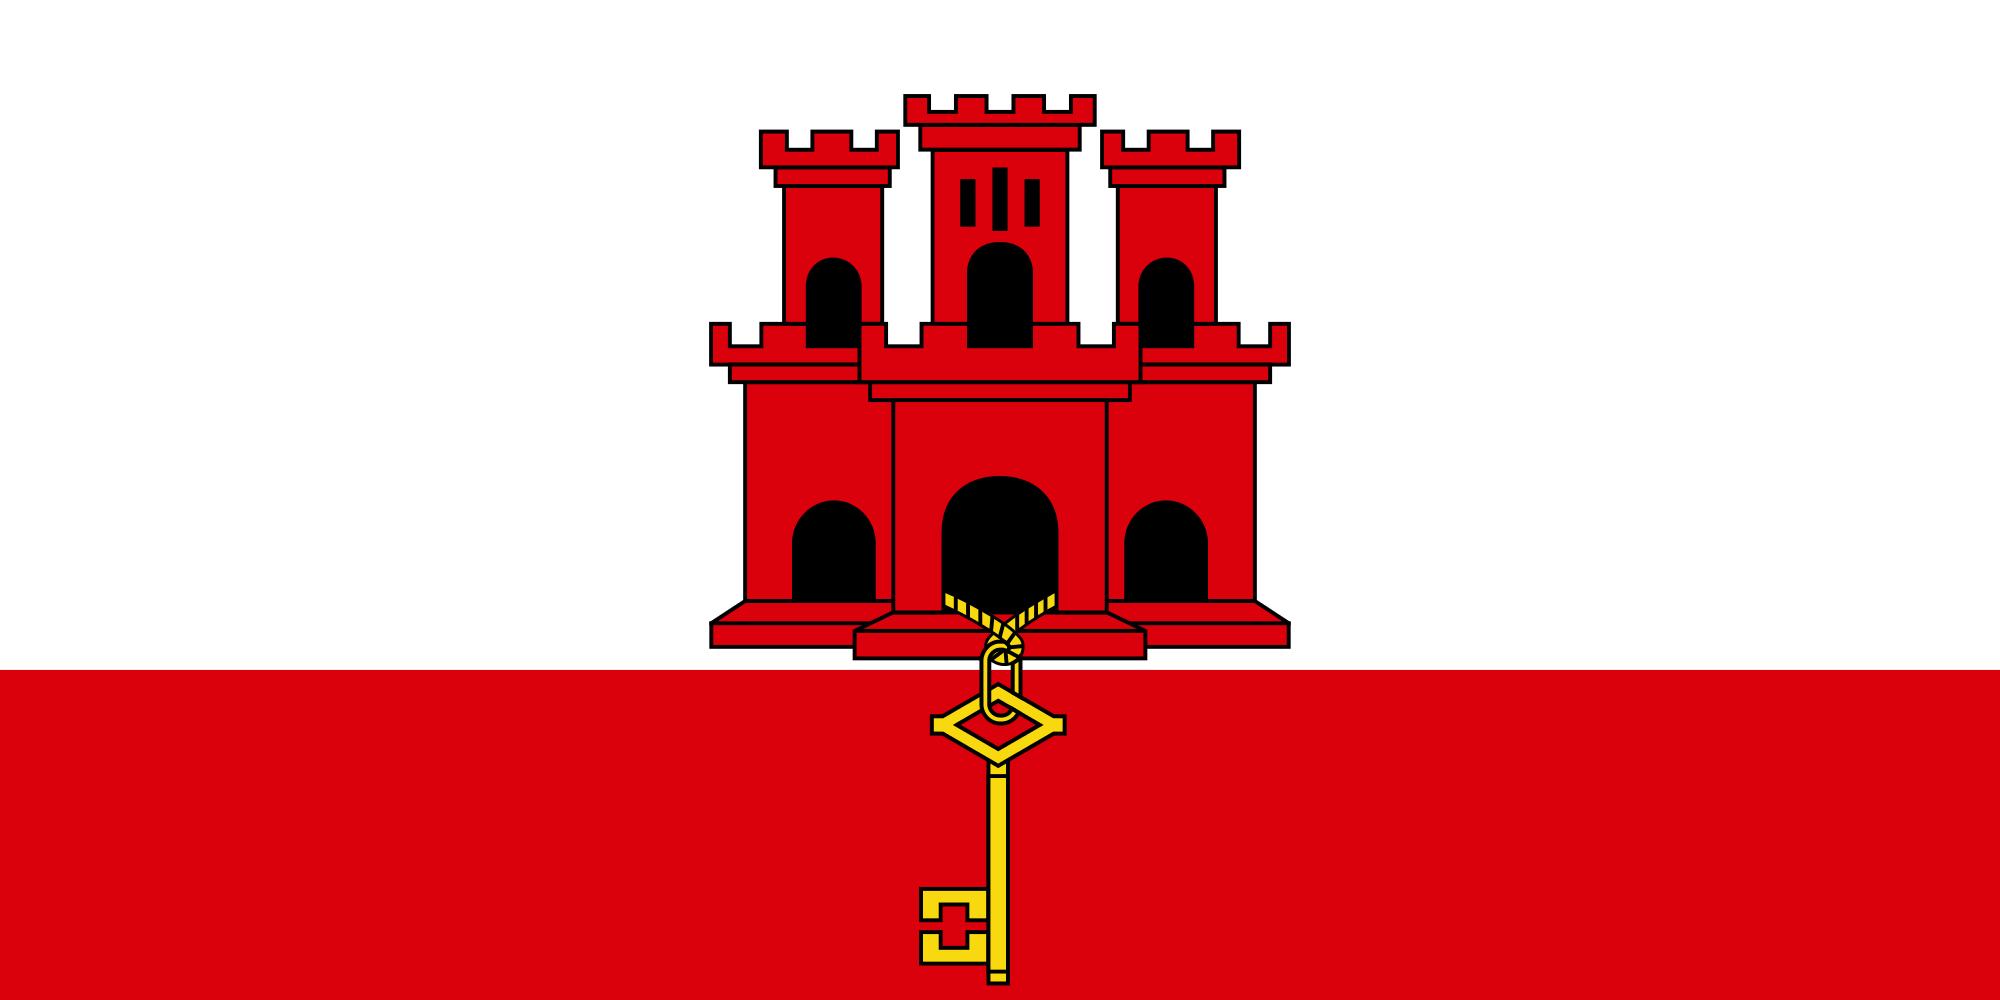 gibraltar, χώρα, έμβλημα, λογότυπο, σύμβολο - Wallpapers HD - Professor-falken.com